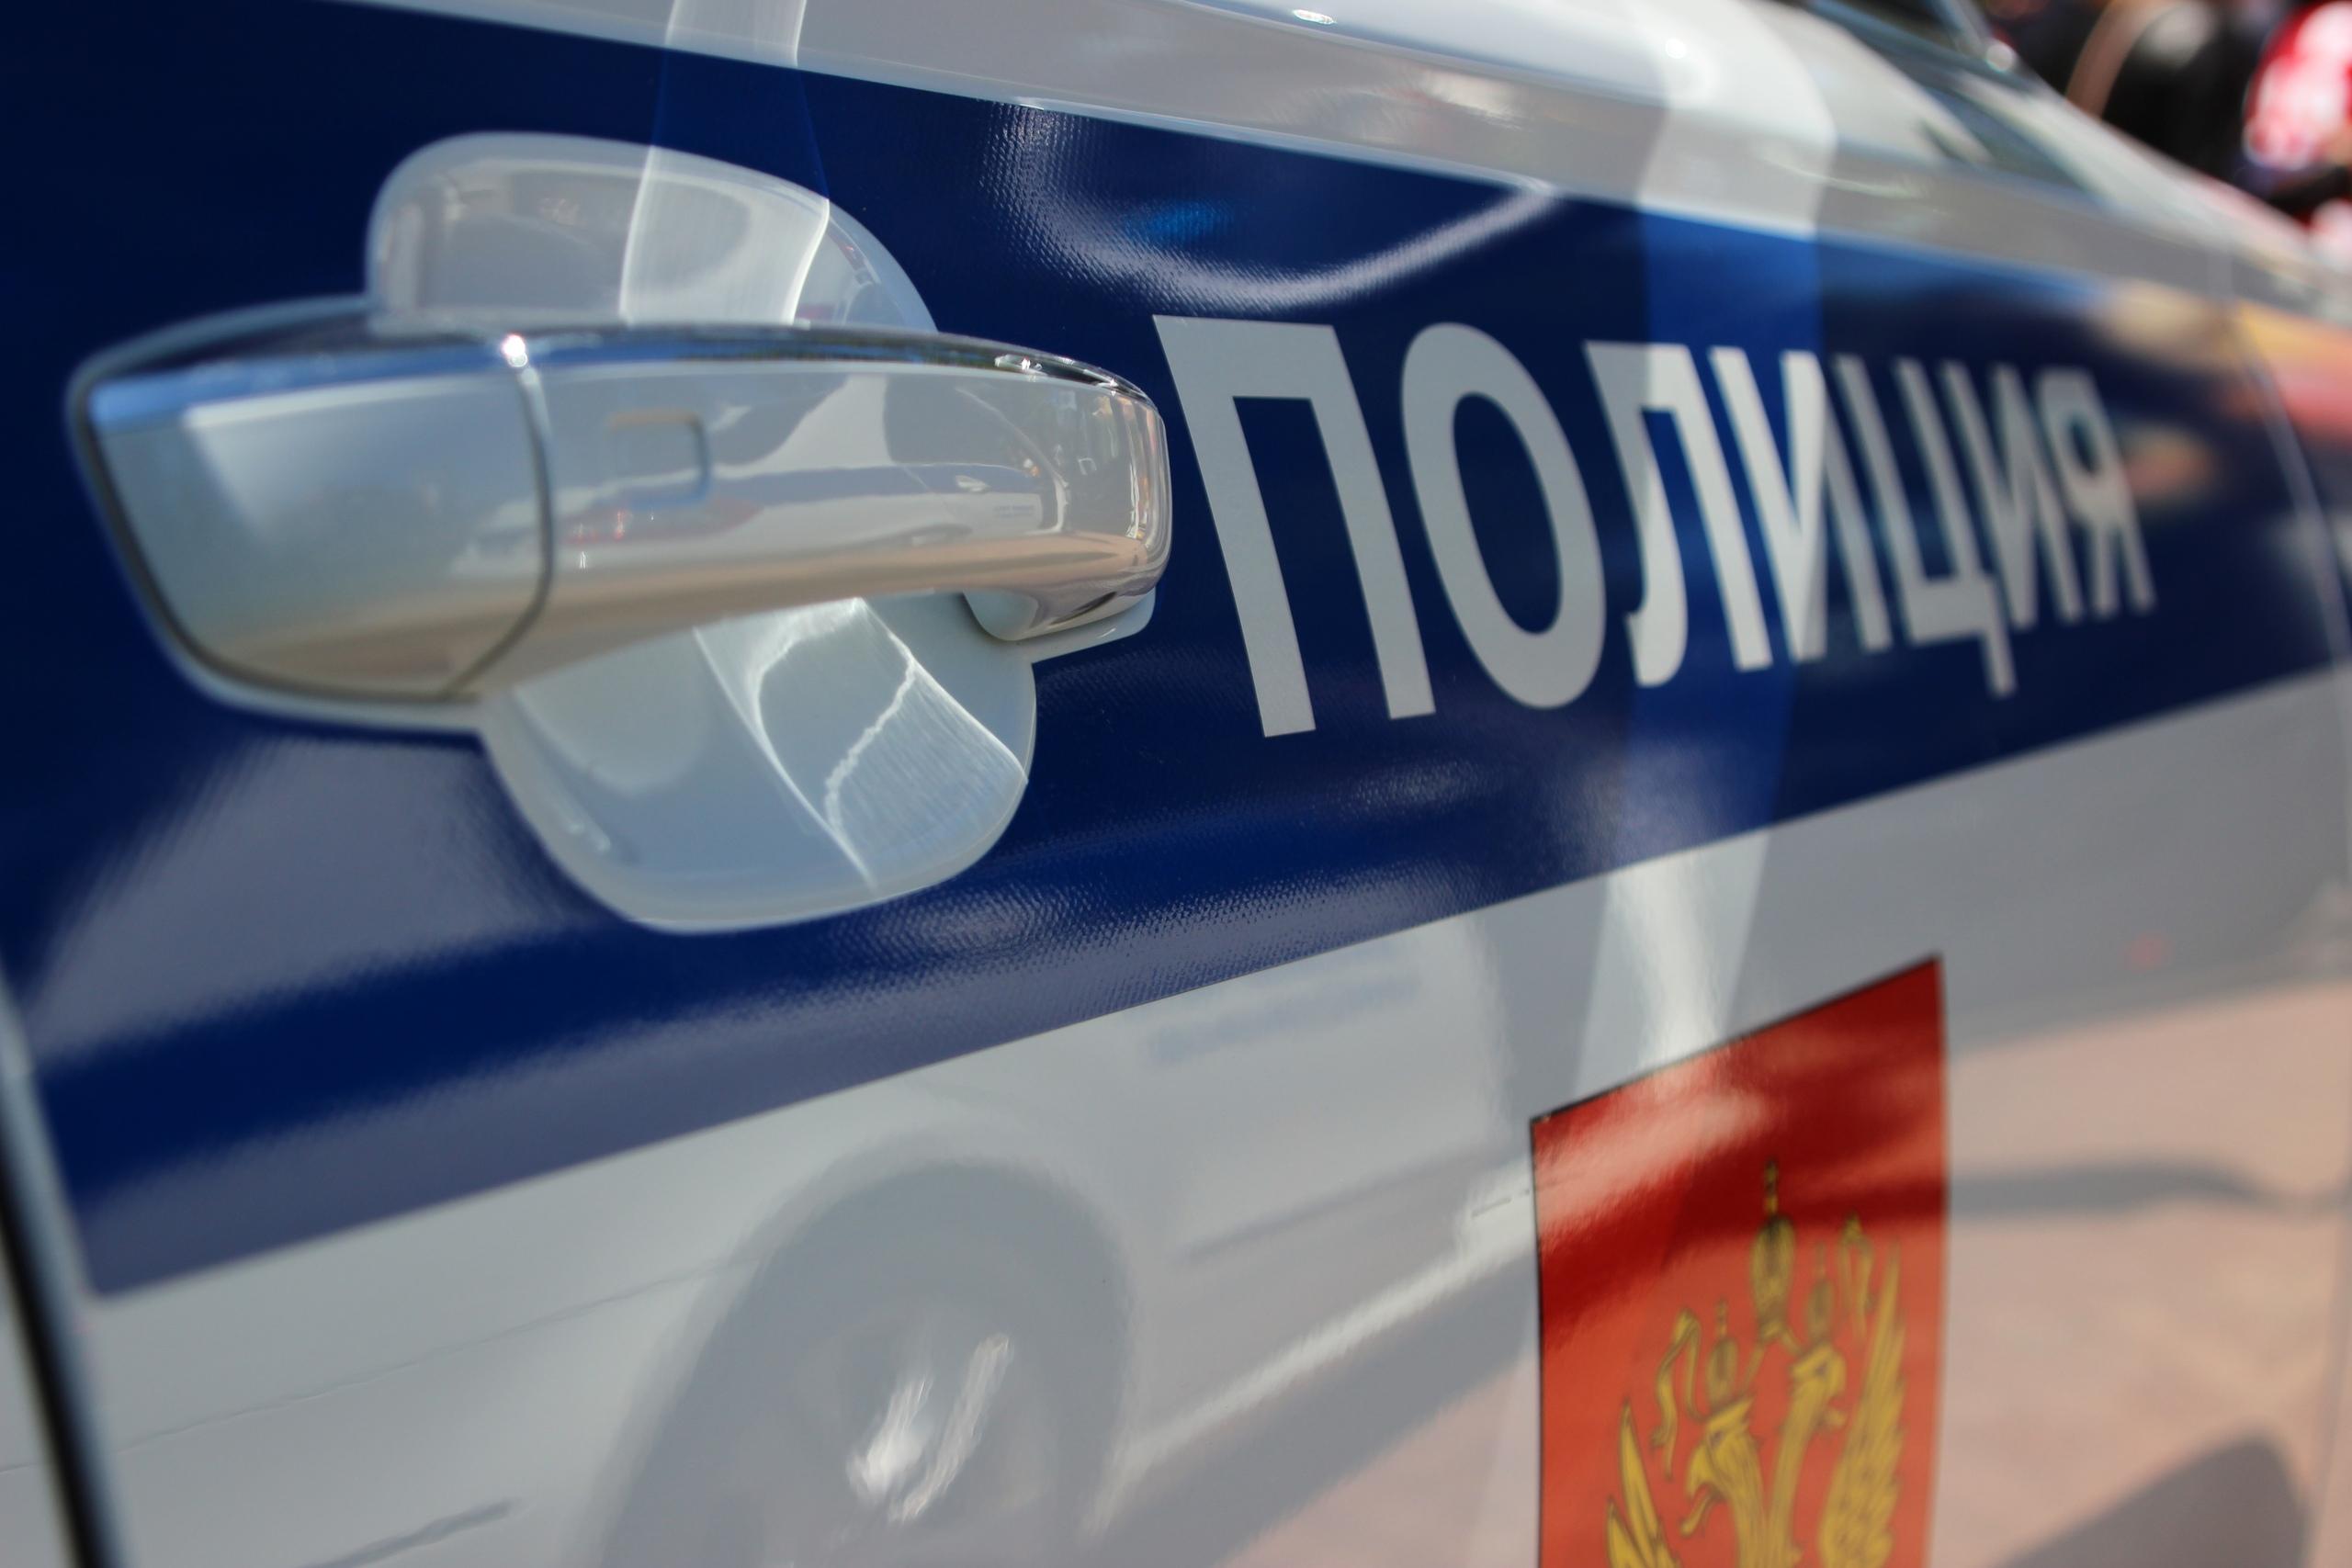 В Тверской области задержали мужчину, спалившего чужой автомобиль - новости Афанасий